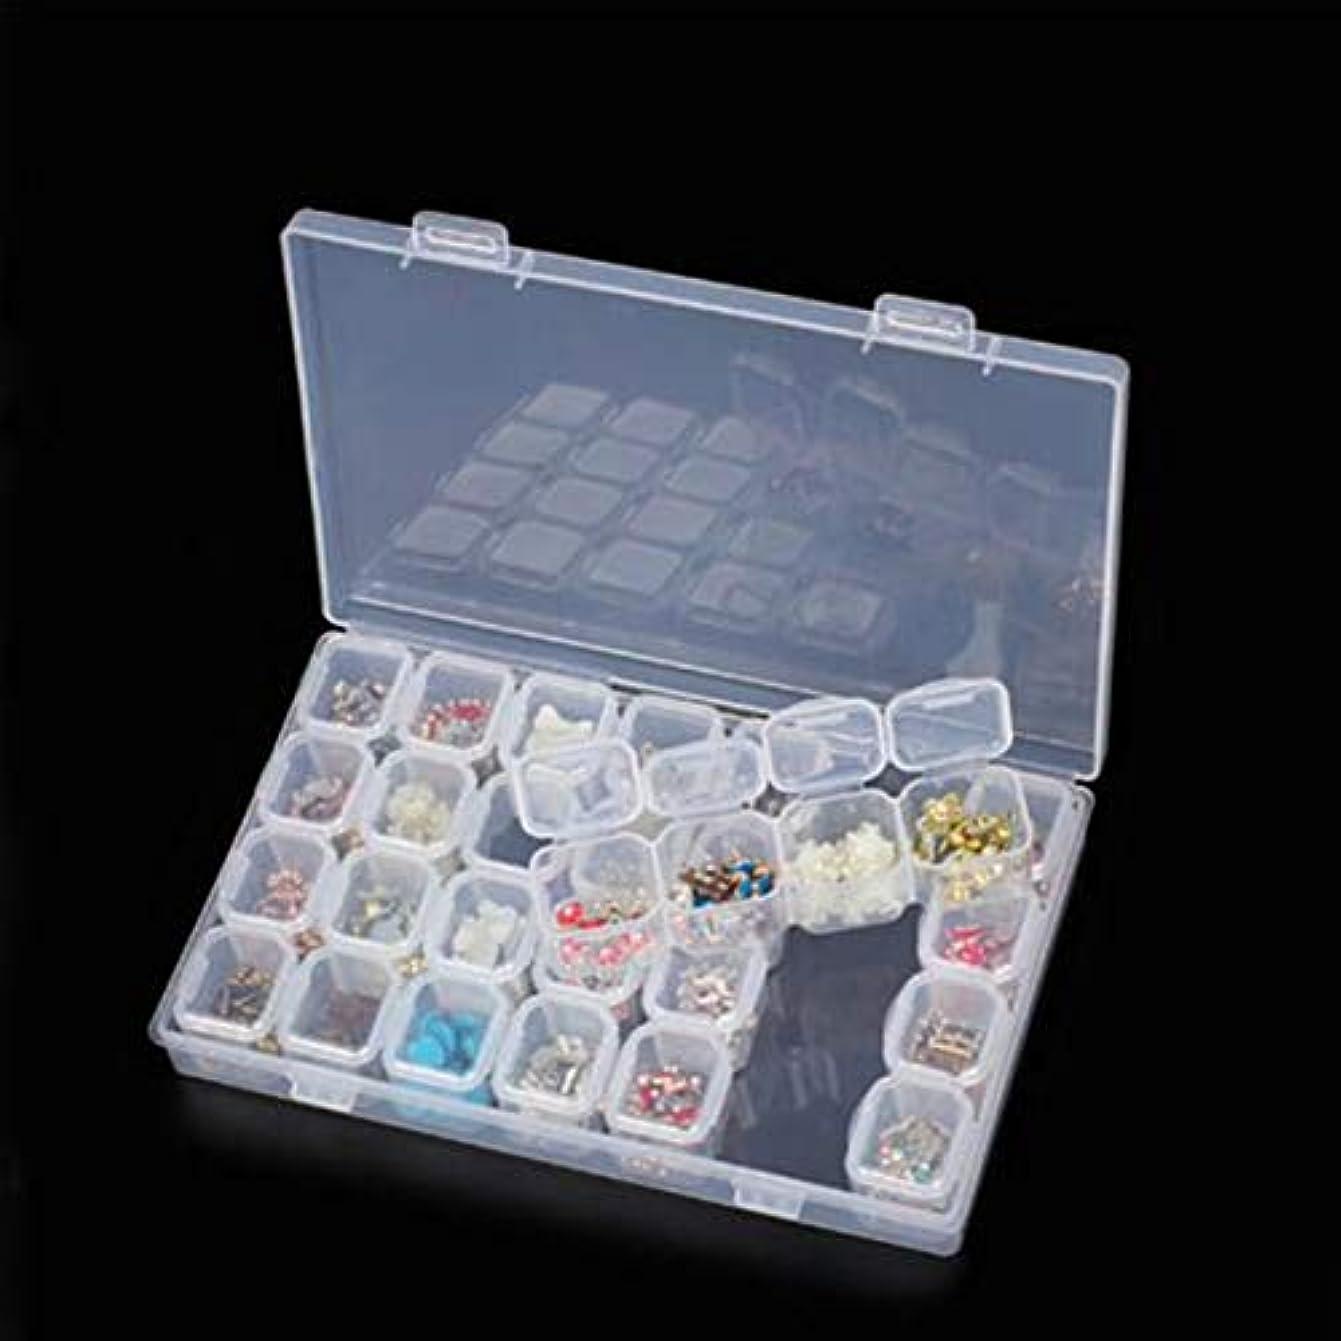 無効発掘する賠償28スロットプラスチック収納ボックスボックスダイヤモンド塗装キットネールアートラインツールズ収納収納ボックスケースオーガナイザーホルダー(透明)